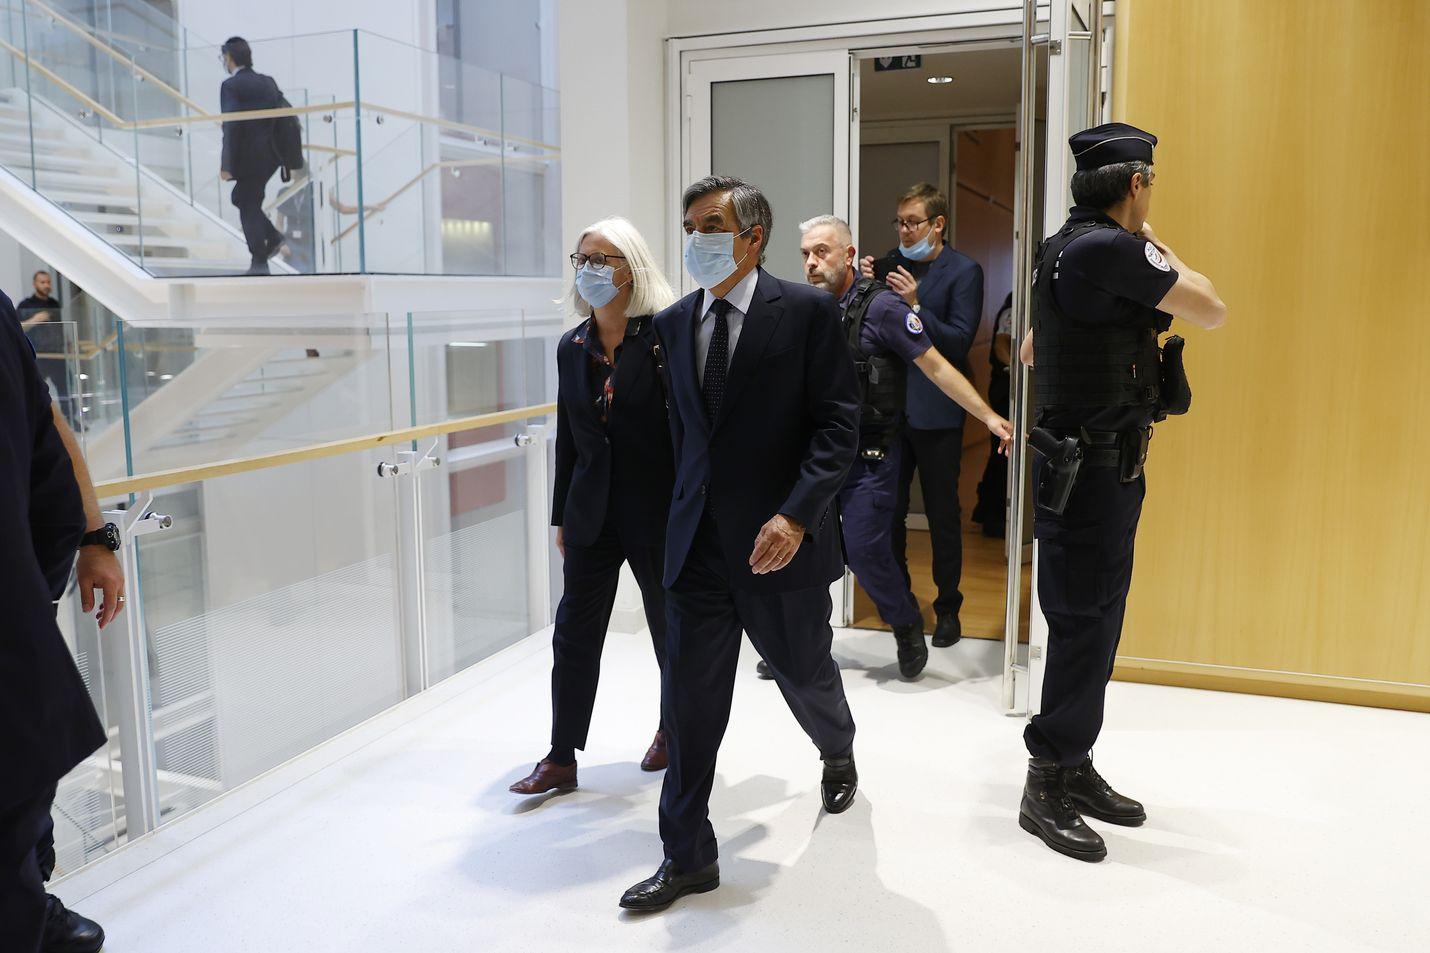 Ranskan entinen pääministeri ja presidenttiehdokas François Fillon poistui vaimonsa Penelope Fillonin kanssa oikeussalista Pariisissa maanantaina tuomion kuulemisen jälkeen.